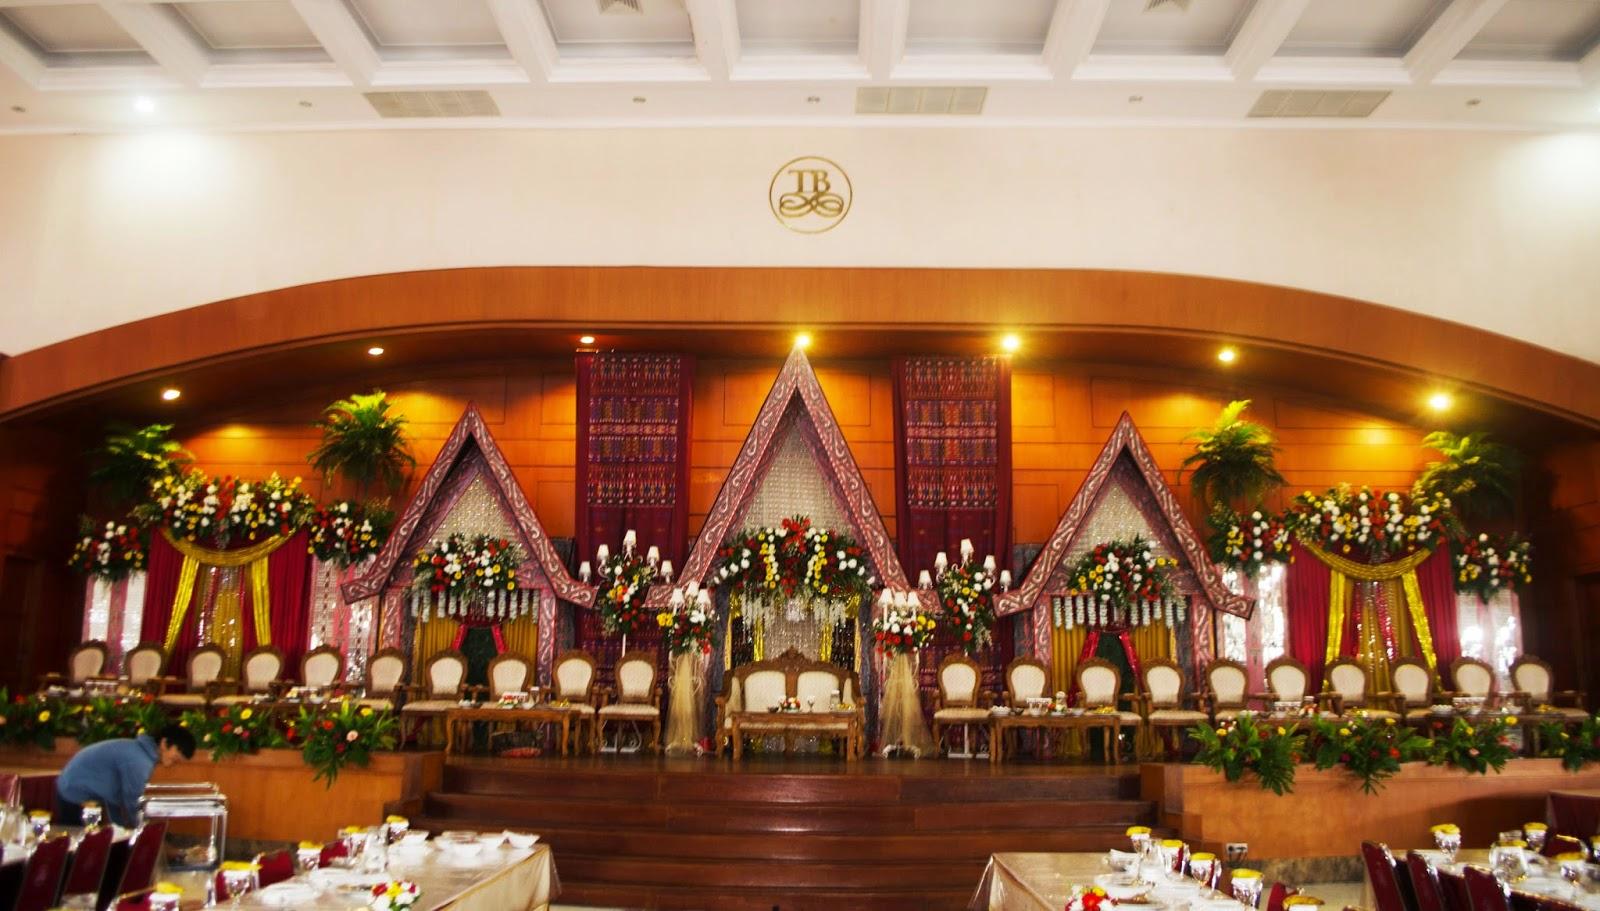 Gedung Pernikahan Adat Batak  trenycas Blog